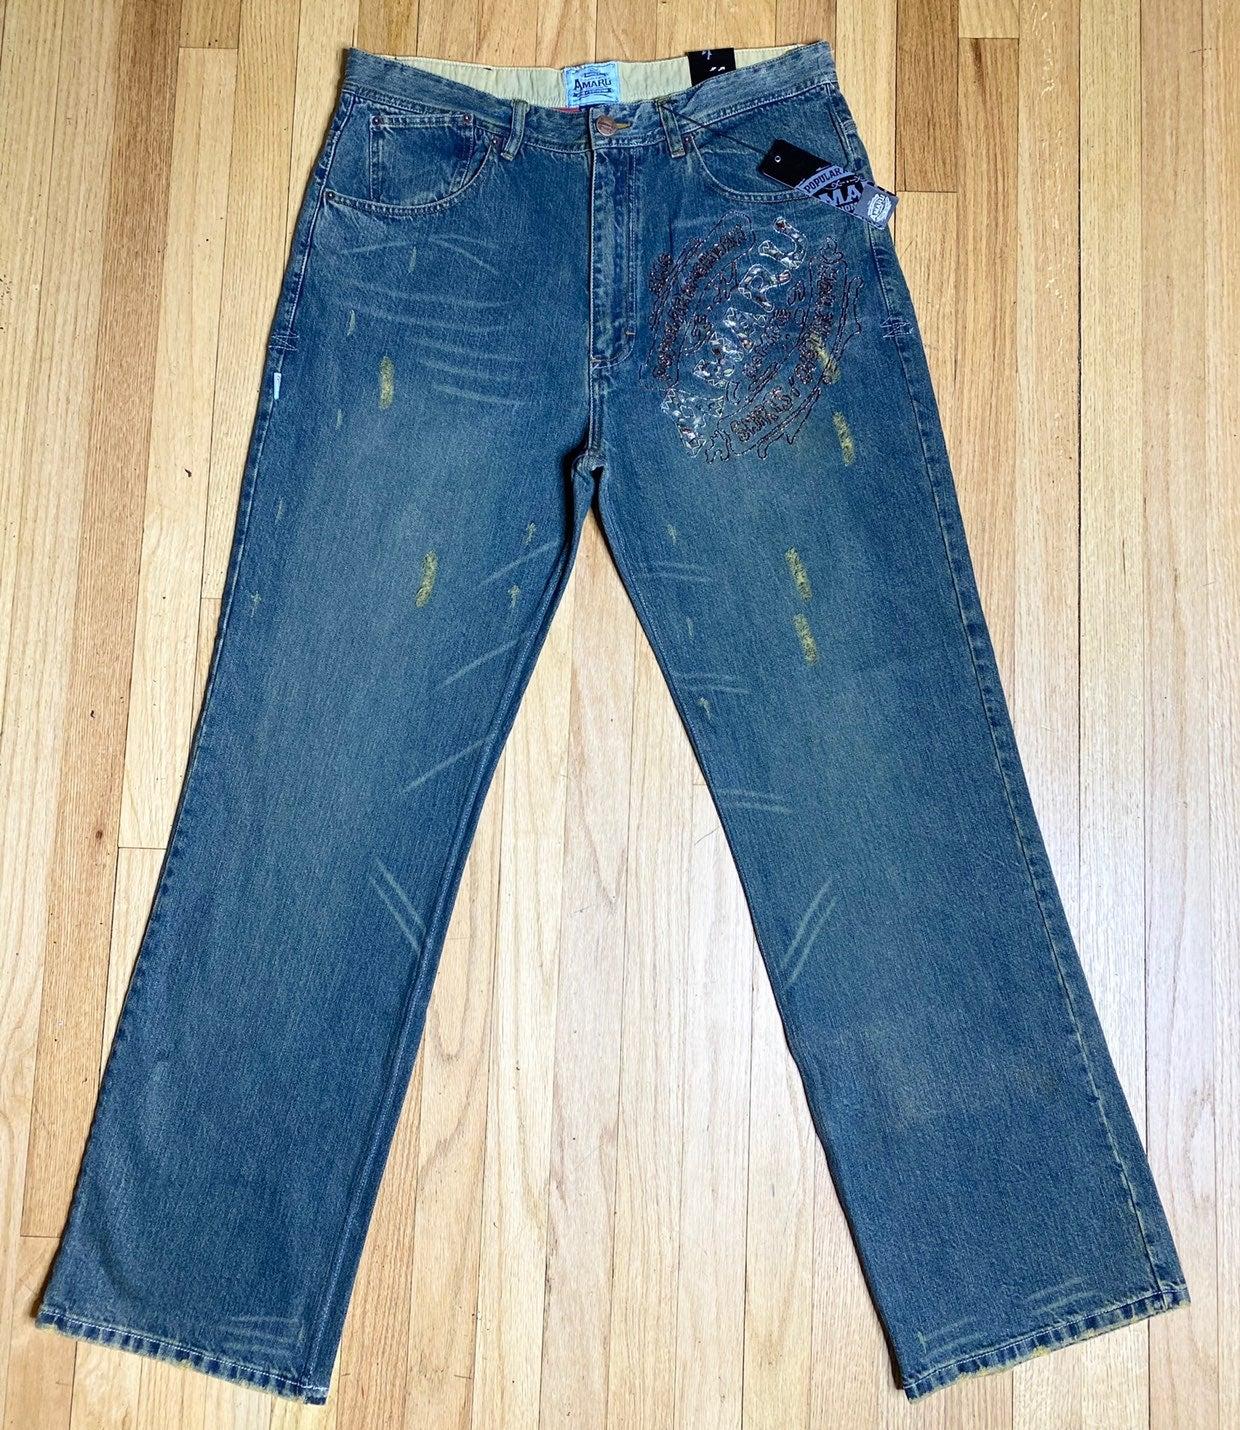 Amaru Blue Jeans men size 38